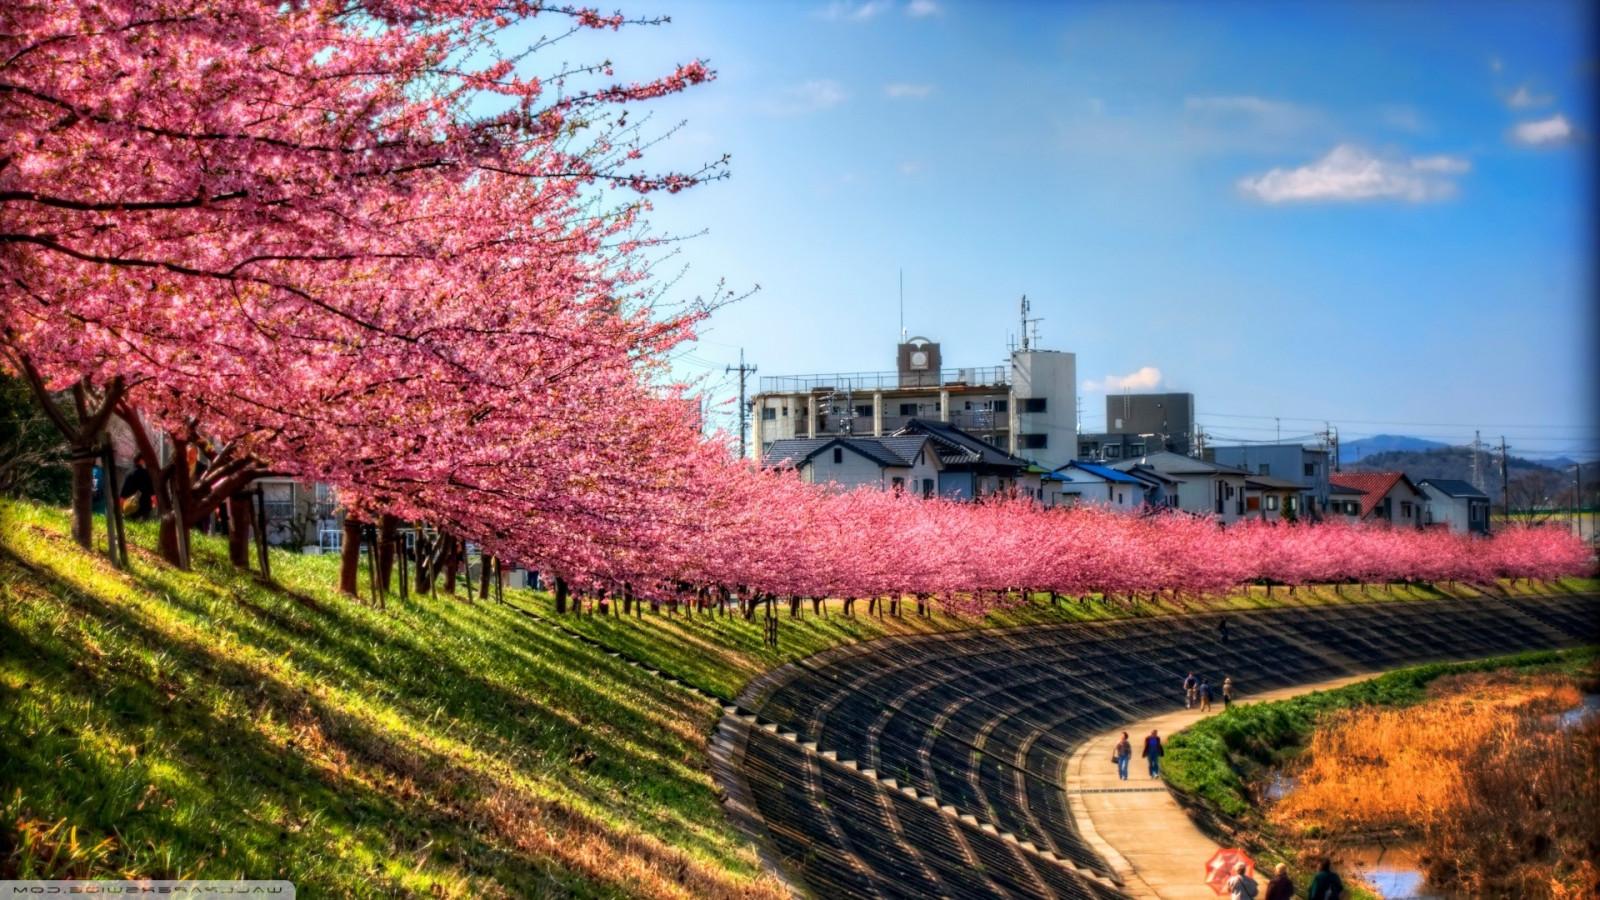 Wallpaper : Jepang, pohon, pemandangan, kota, rumput, langit